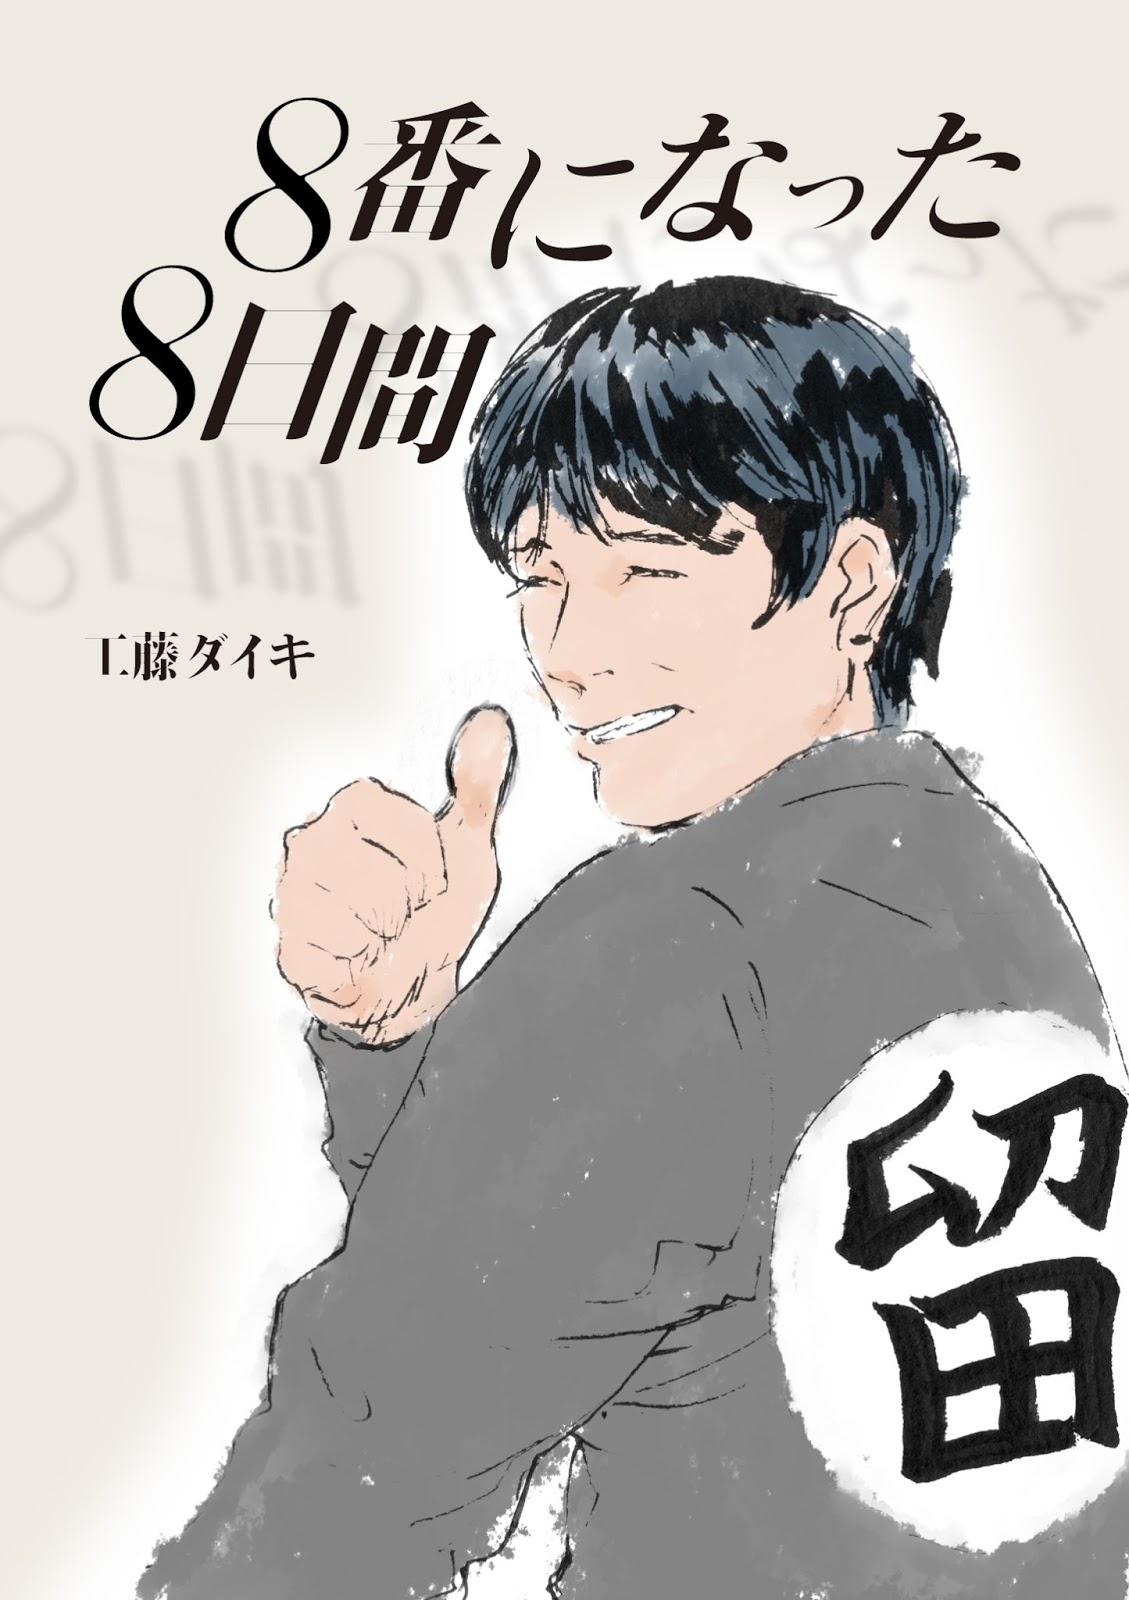 工藤ダイキ『8番になった8日間』